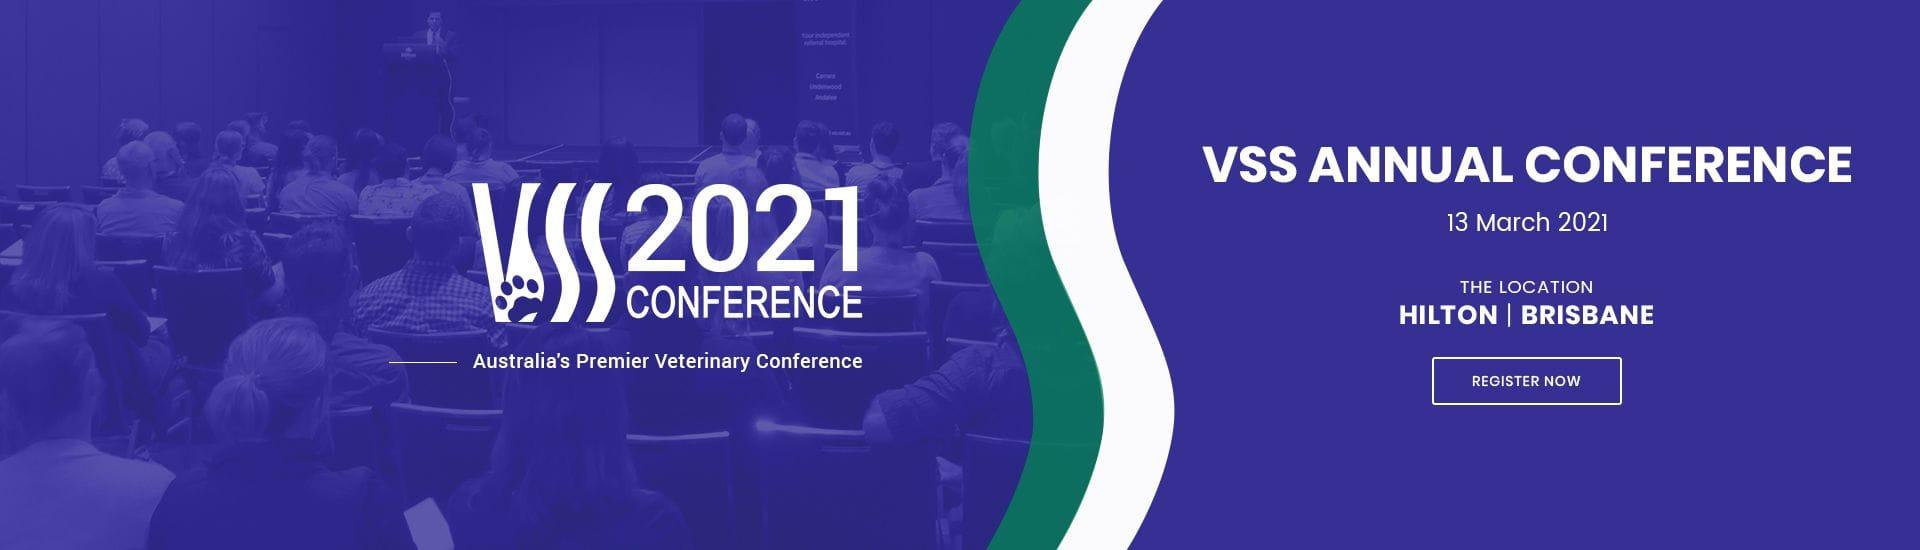 2021 VSS Conference